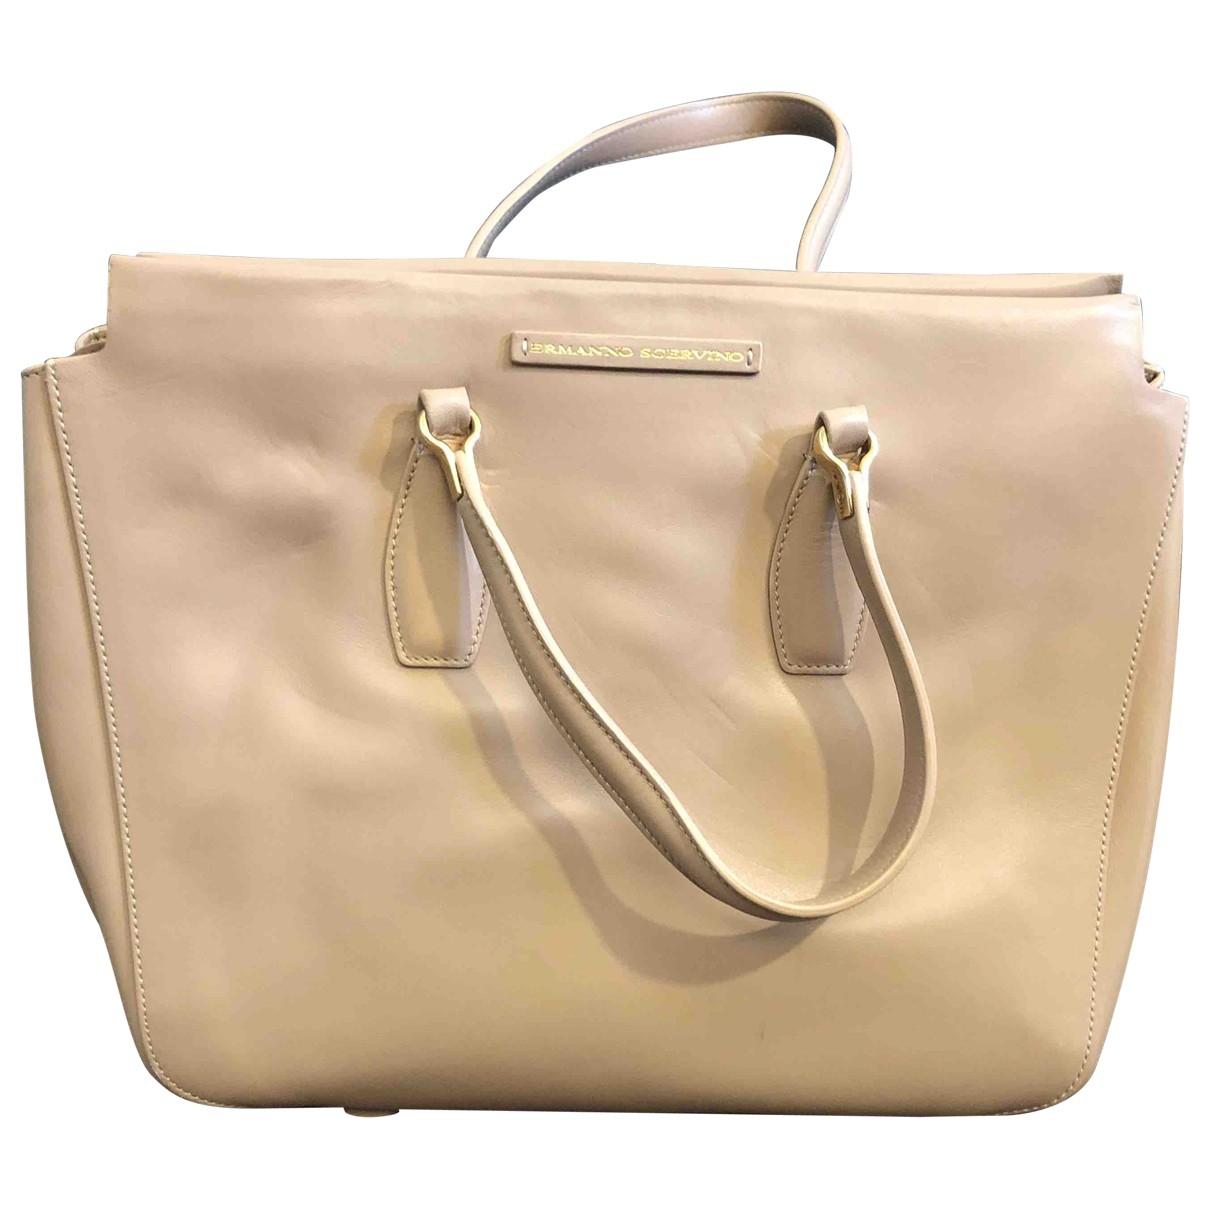 Ermanno Scervino \N Beige Leather handbag for Women \N